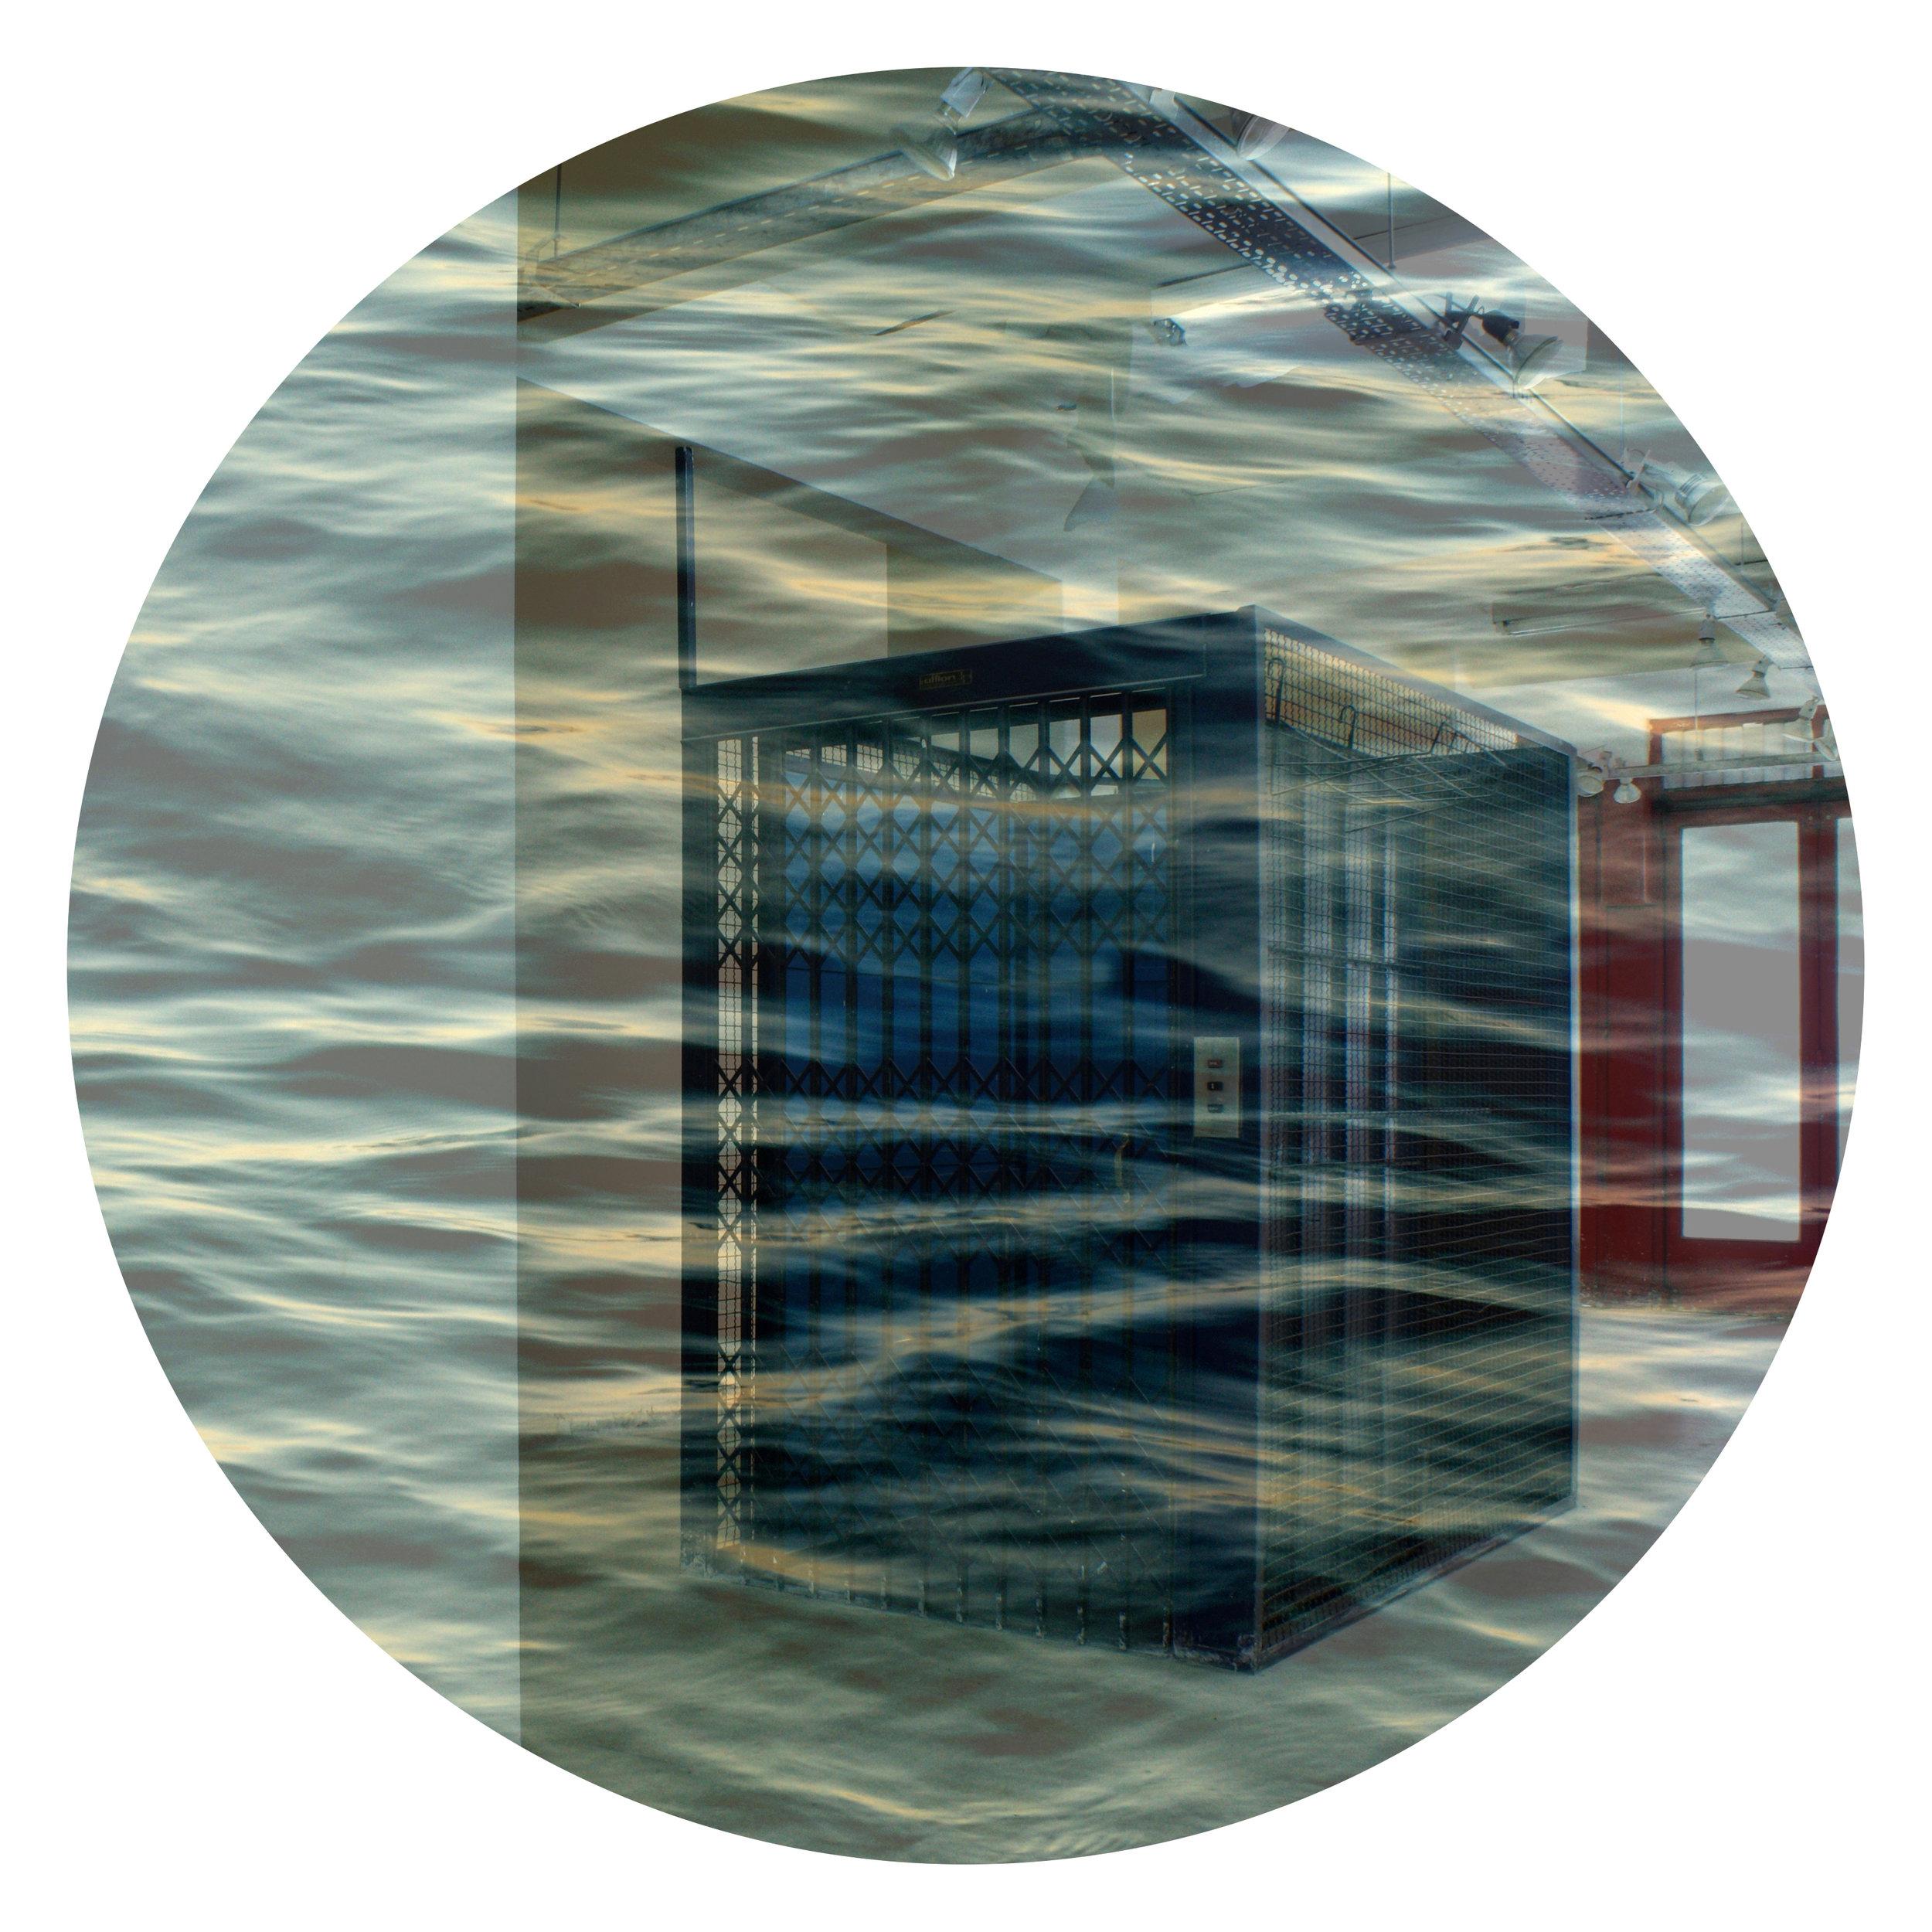 110x110cm_hogares submarinos_ascensor.alta.JPG